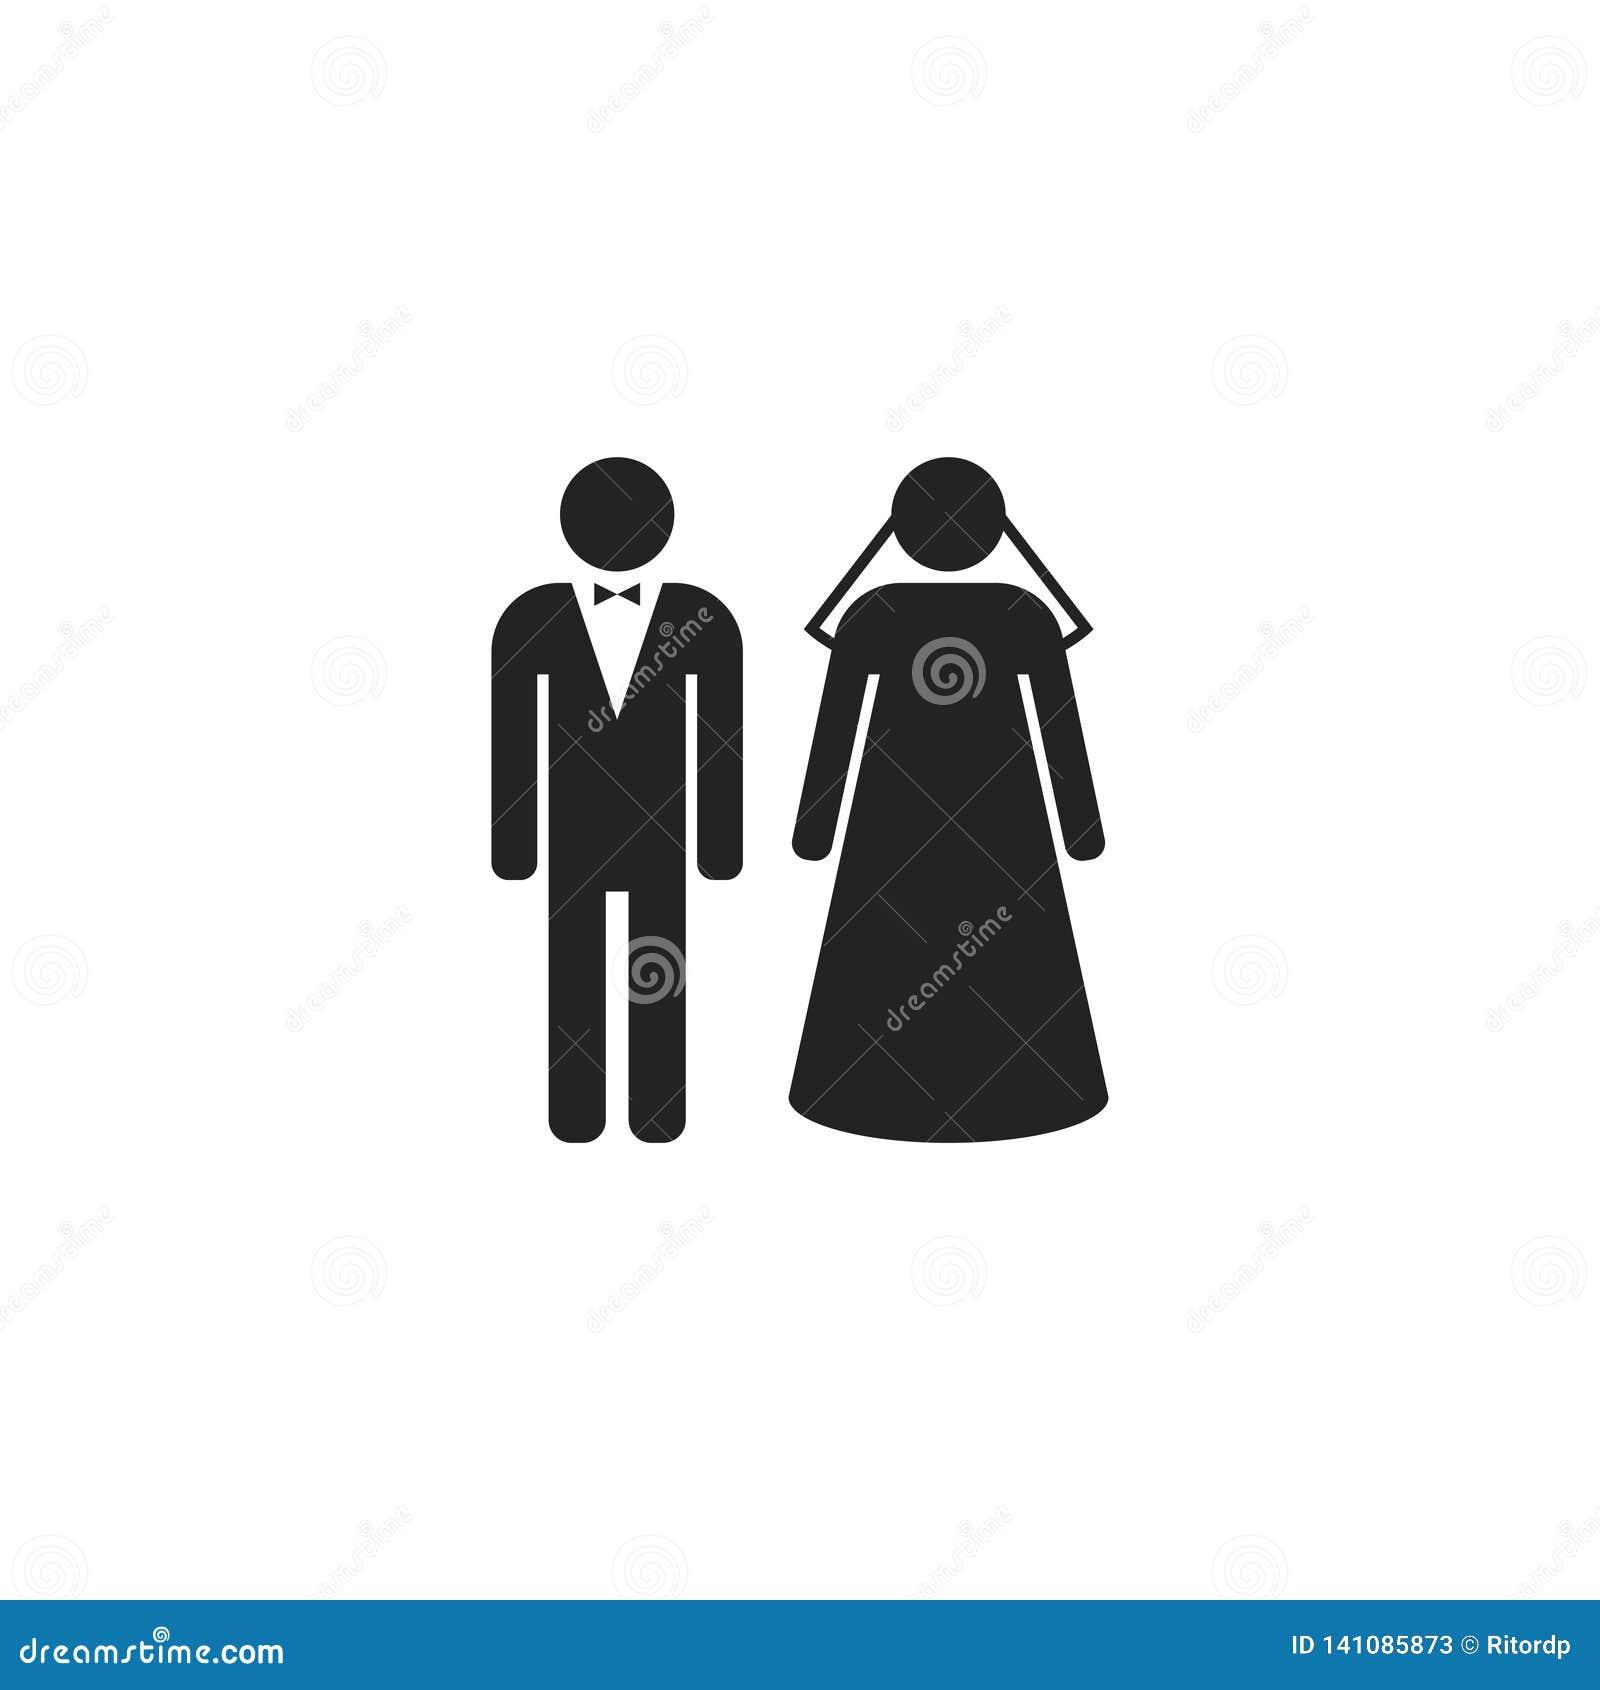 Braut und Bräutigam Glyph Vector Icon, Symbol oder Logo